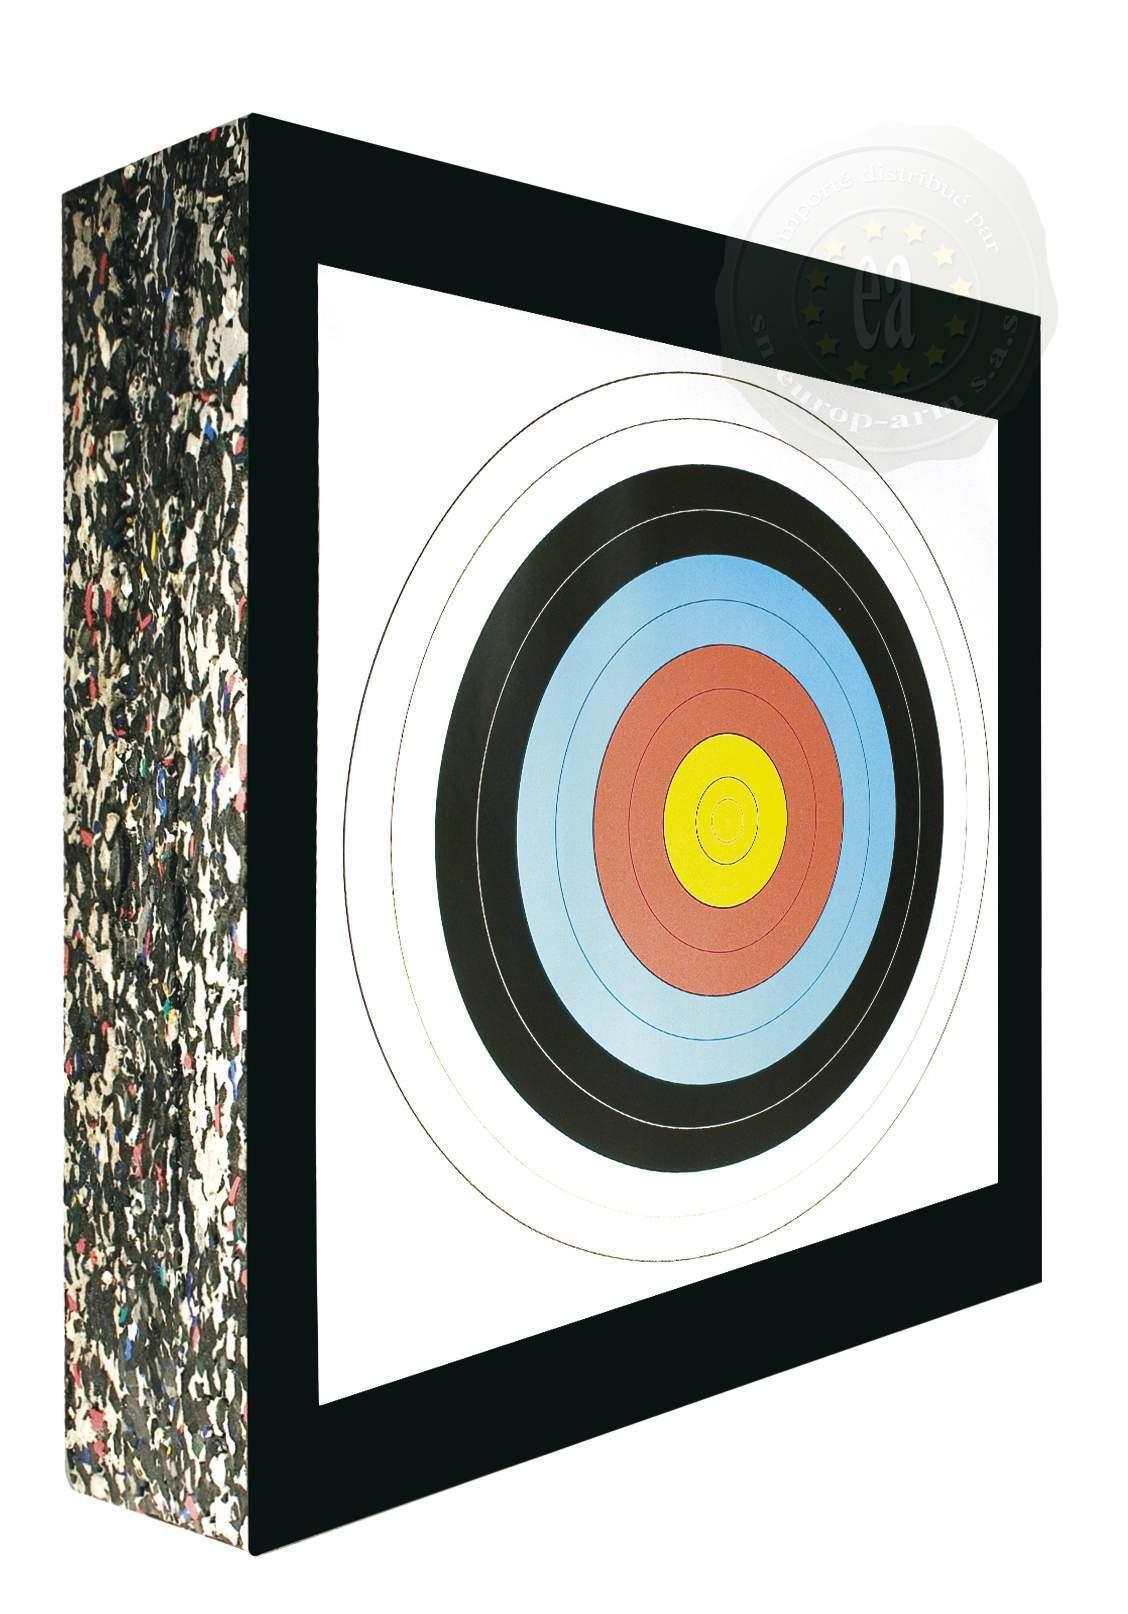 cible arc arbelete mousse paille cible format foam haute densit arc arbalete de loisir. Black Bedroom Furniture Sets. Home Design Ideas